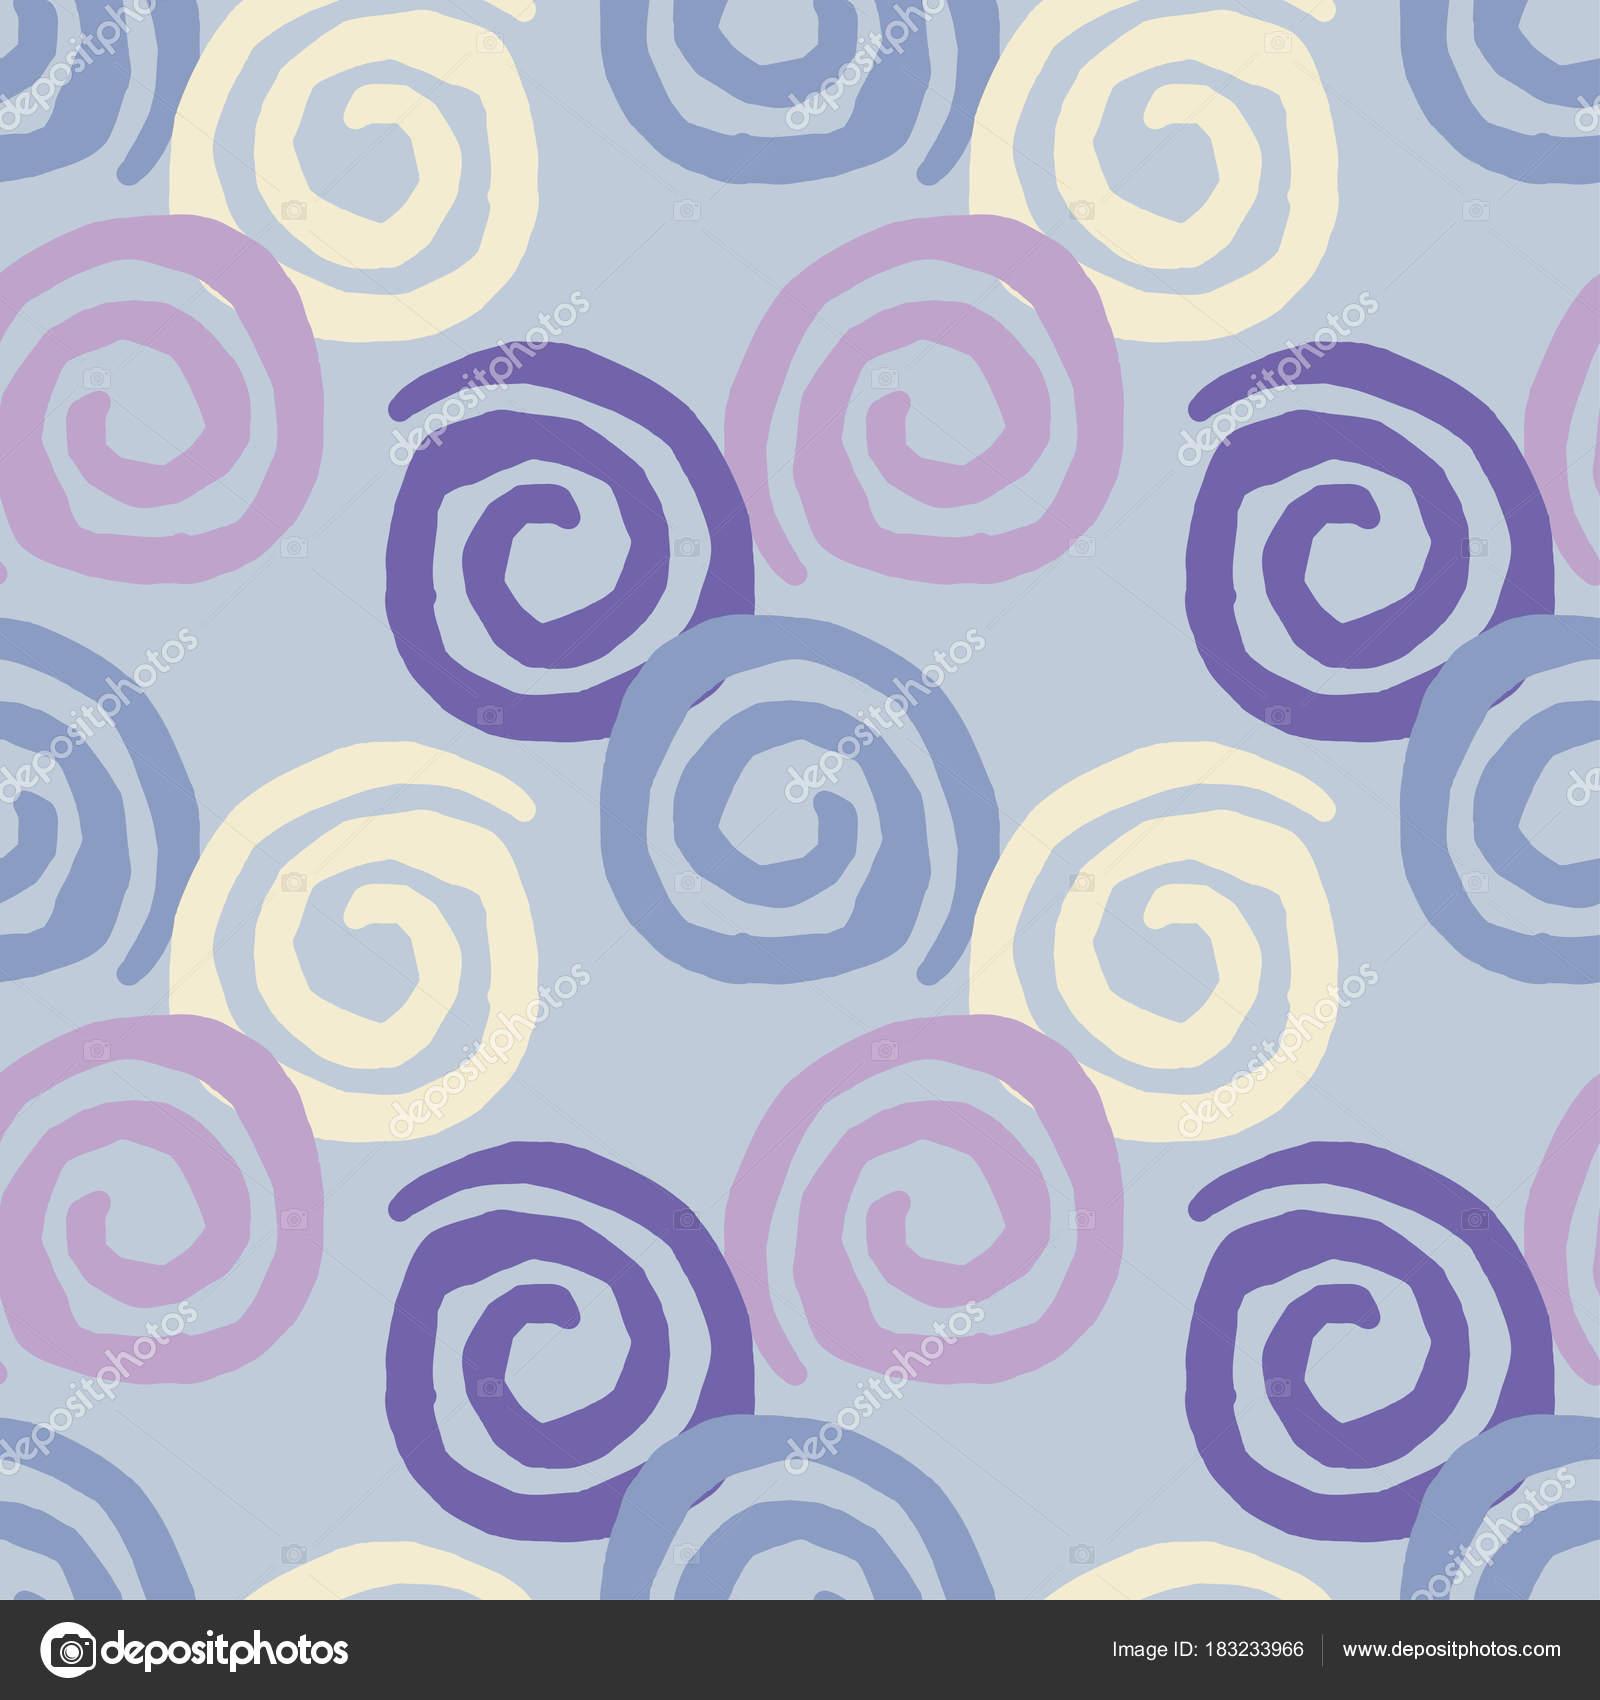 Download Gratuito Texture Disegni Semplici